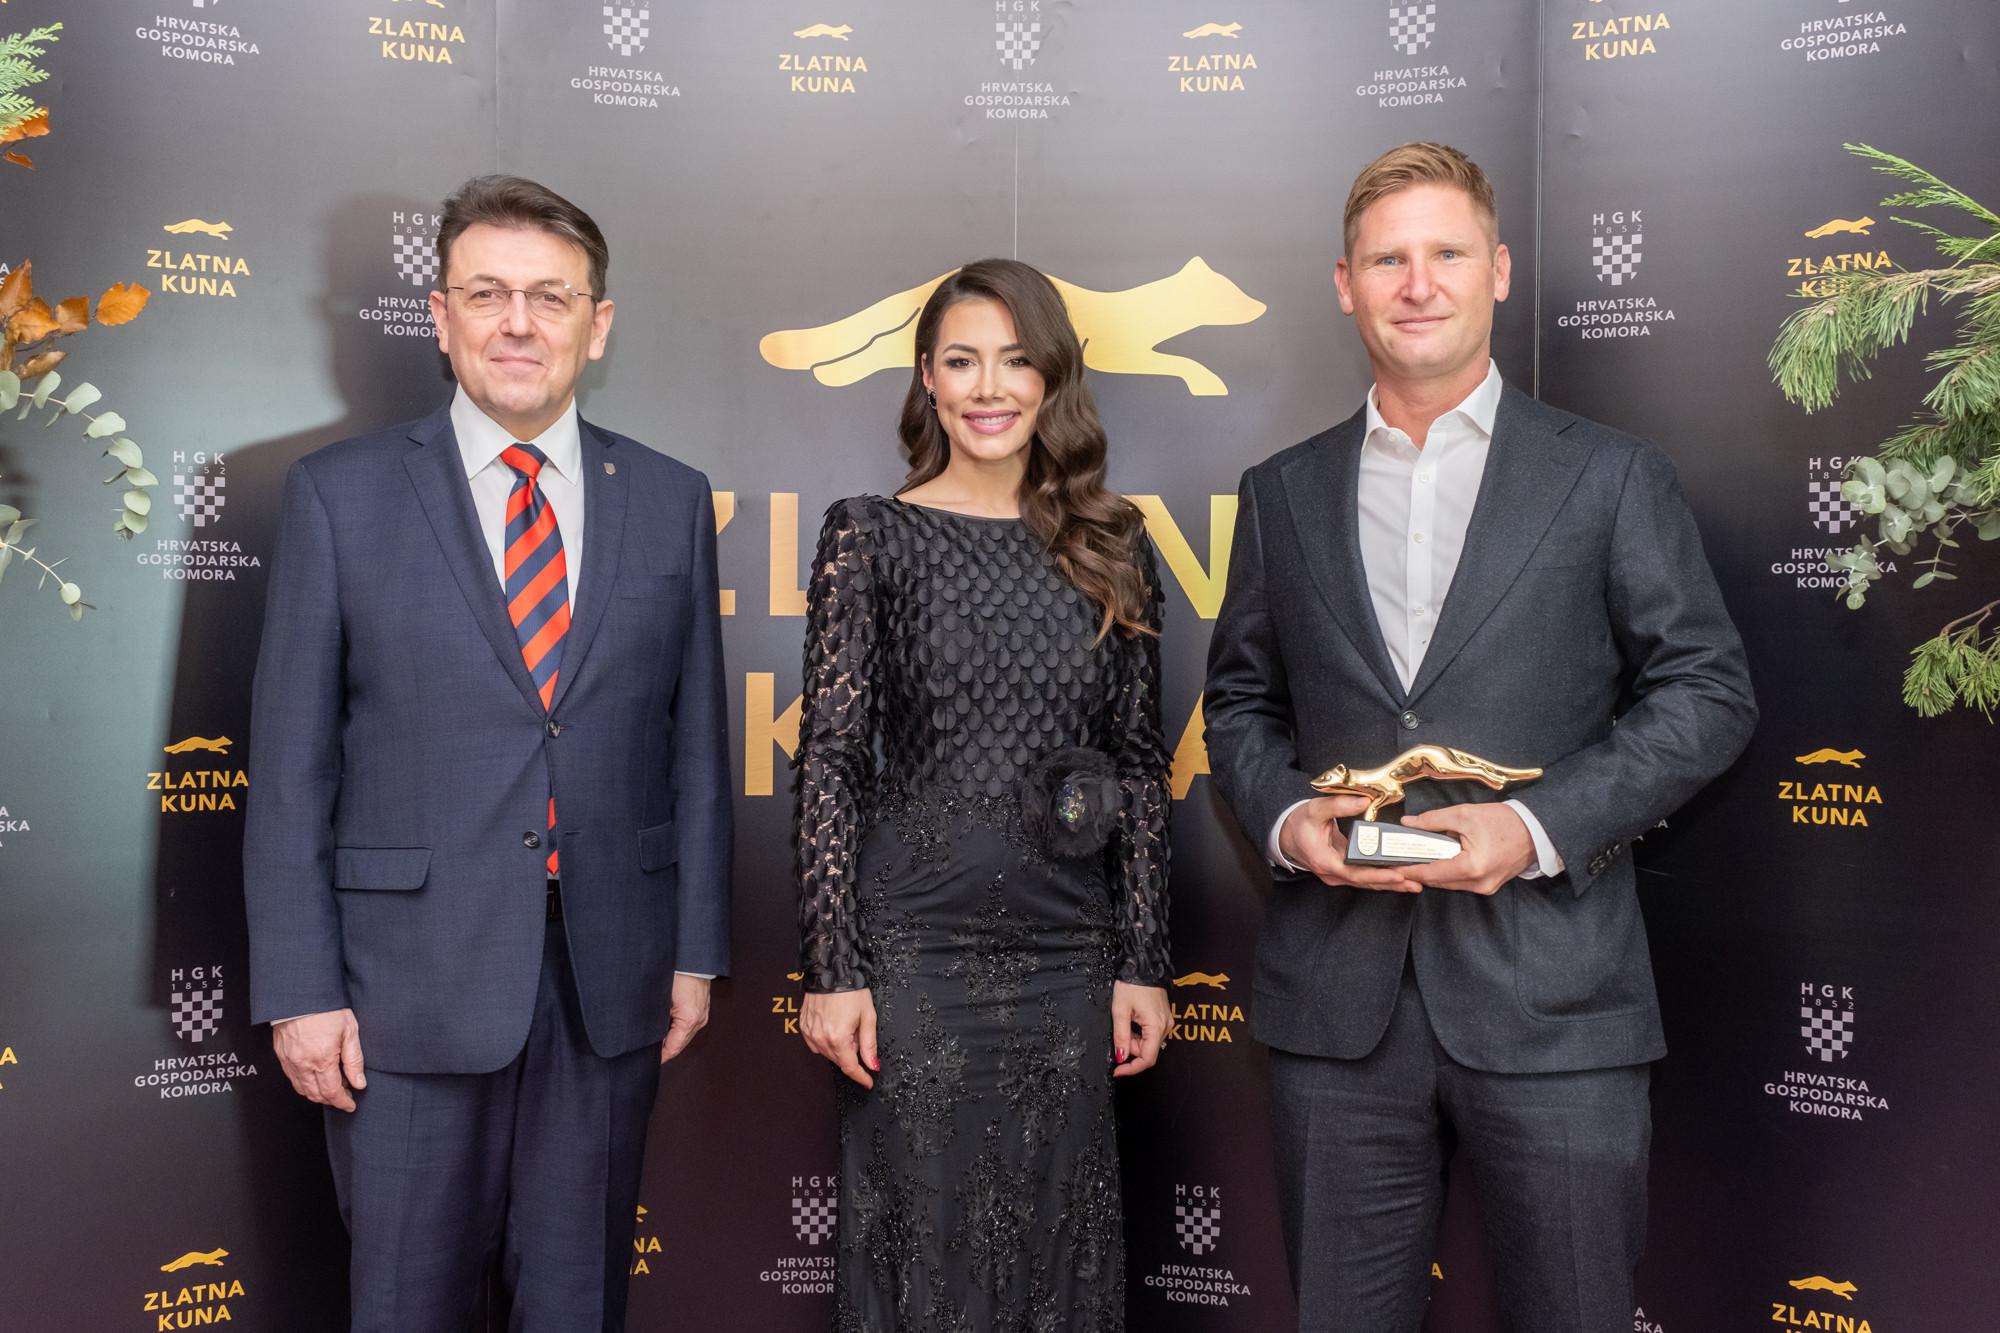 HGK presents Golden Marten awards to best companies in 2019